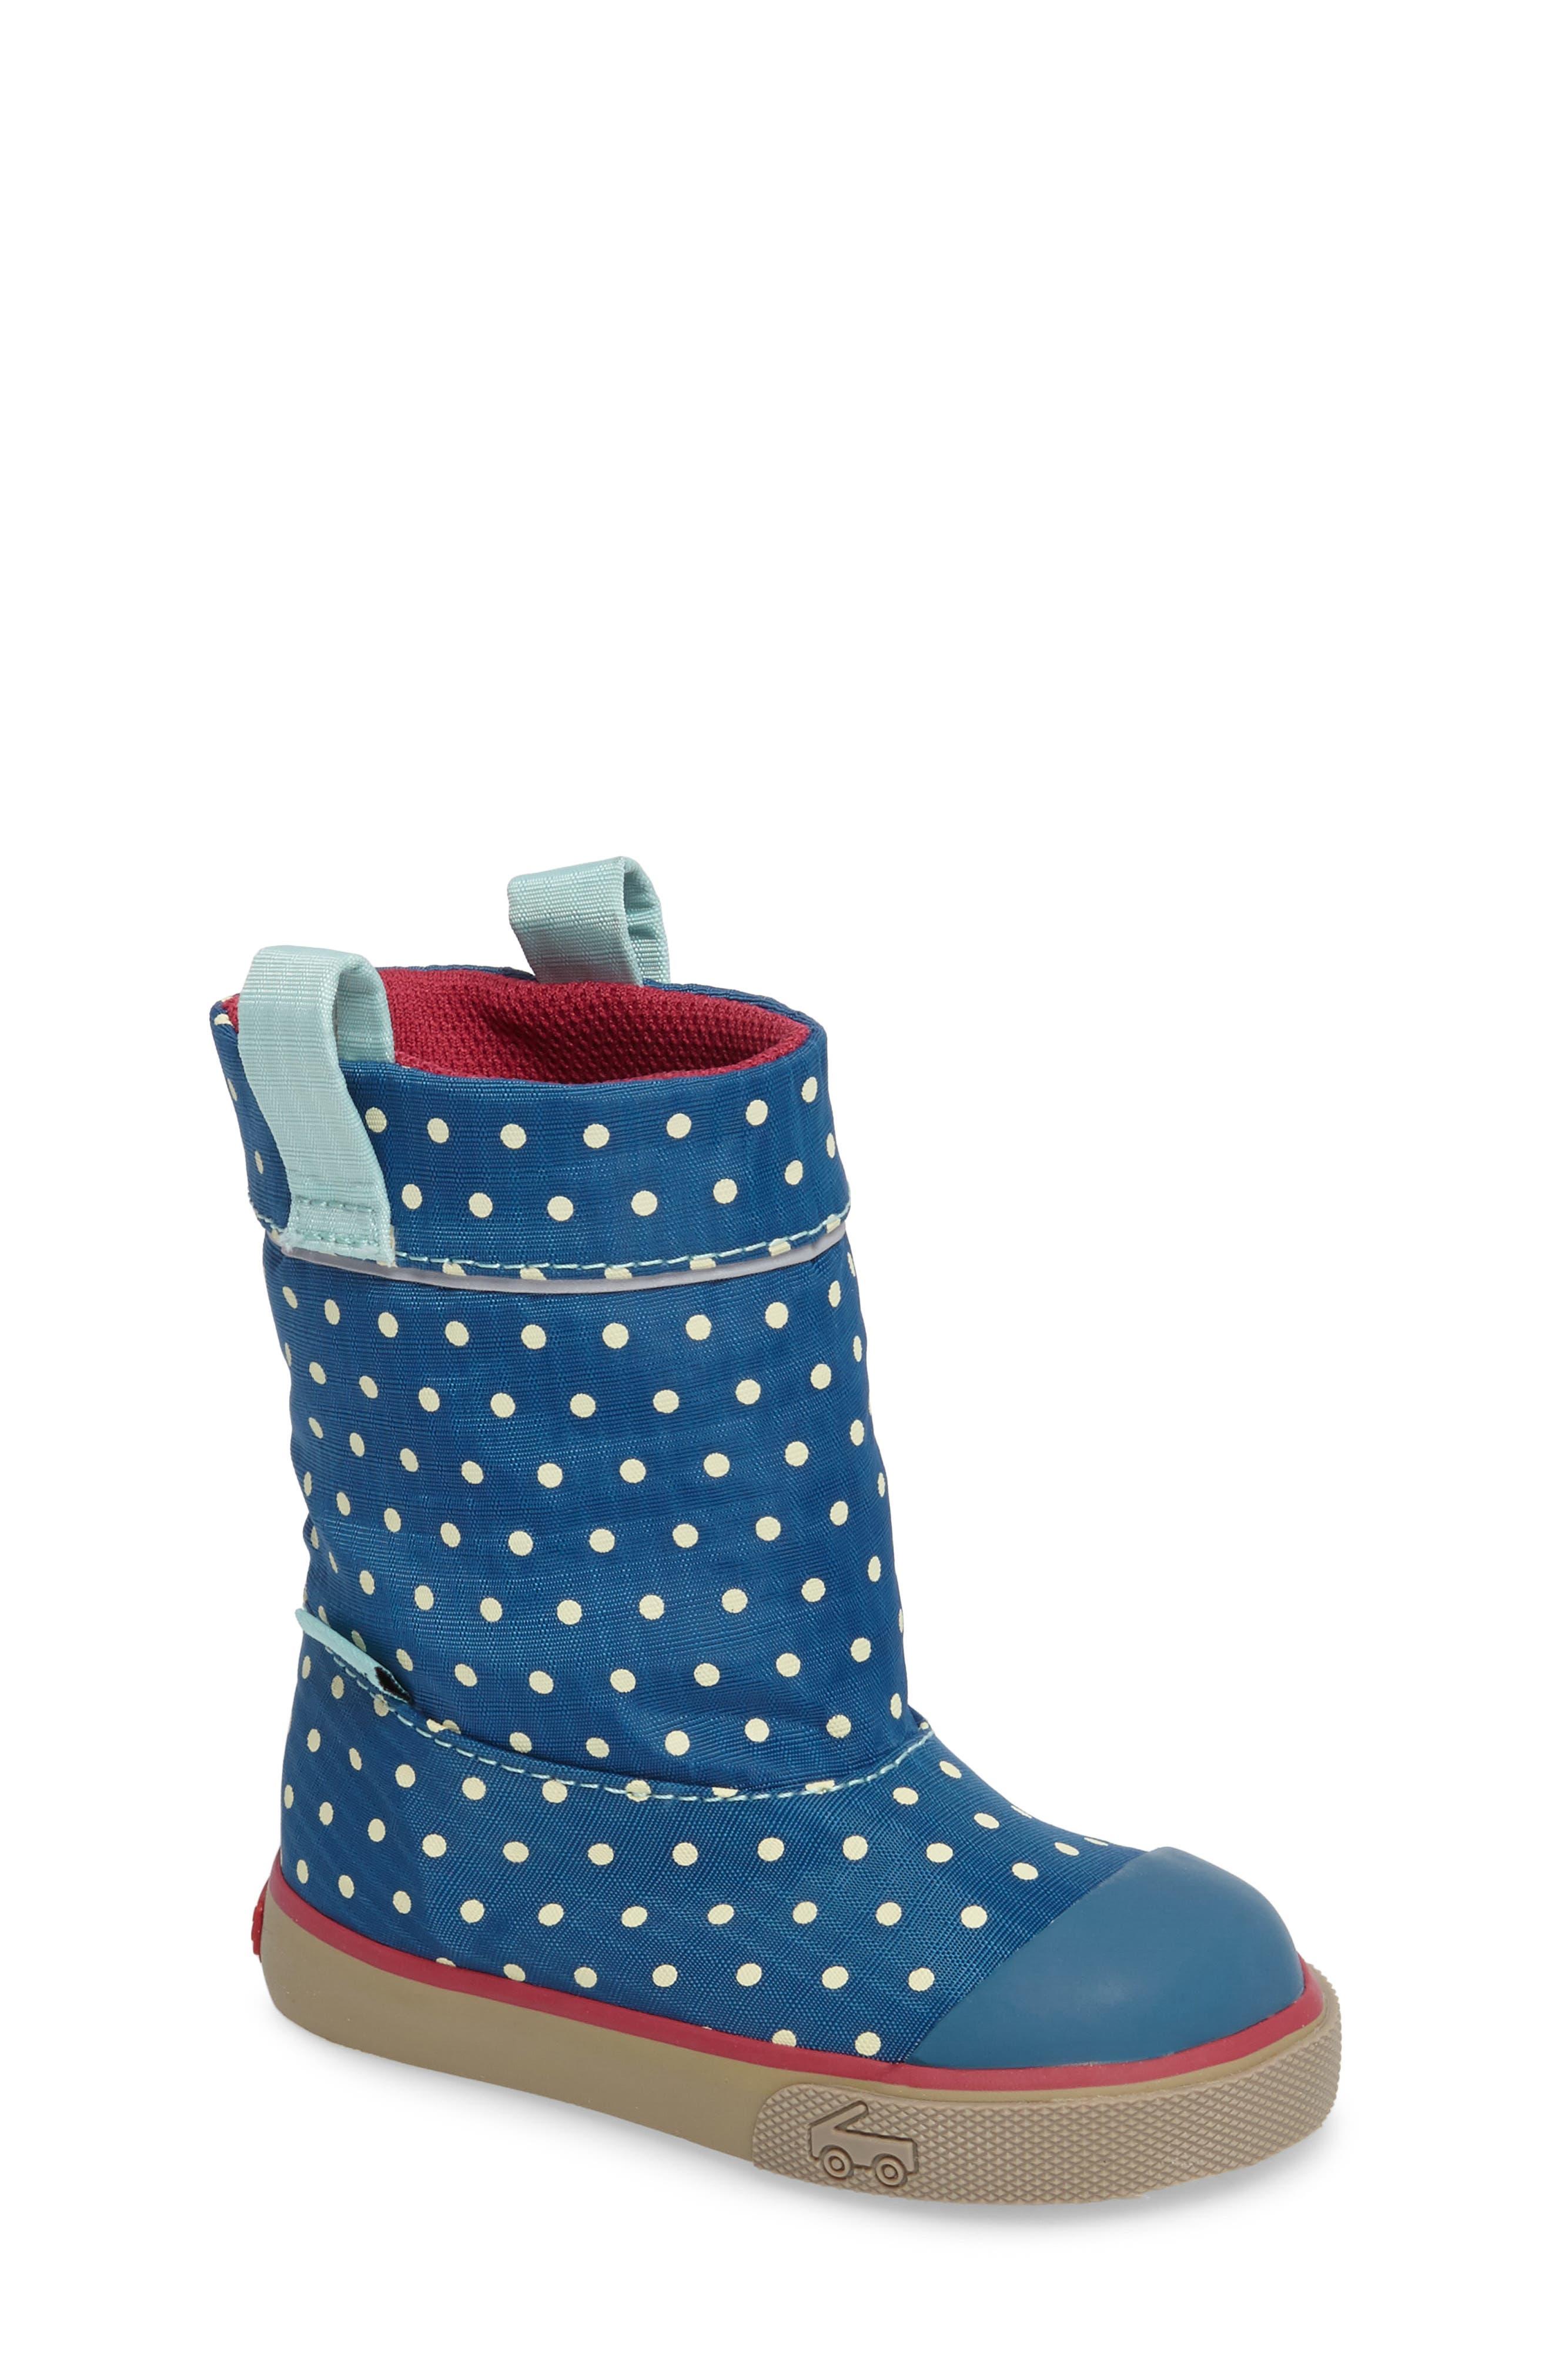 Montlake Waterproof Boot,                             Main thumbnail 1, color,                             Dark Blue